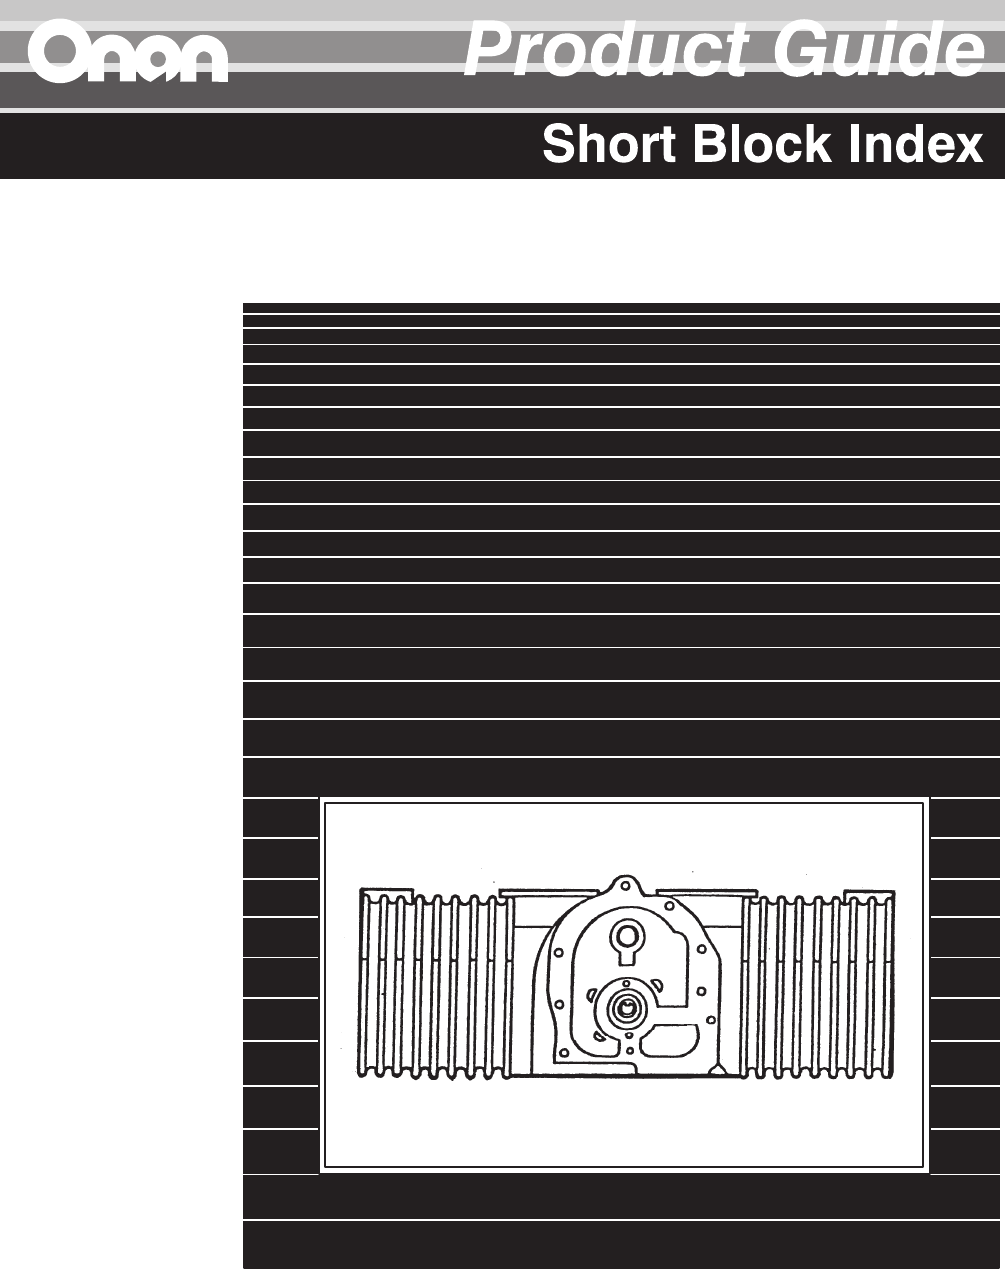 932 0109B Onan RV Genset Short Block List on